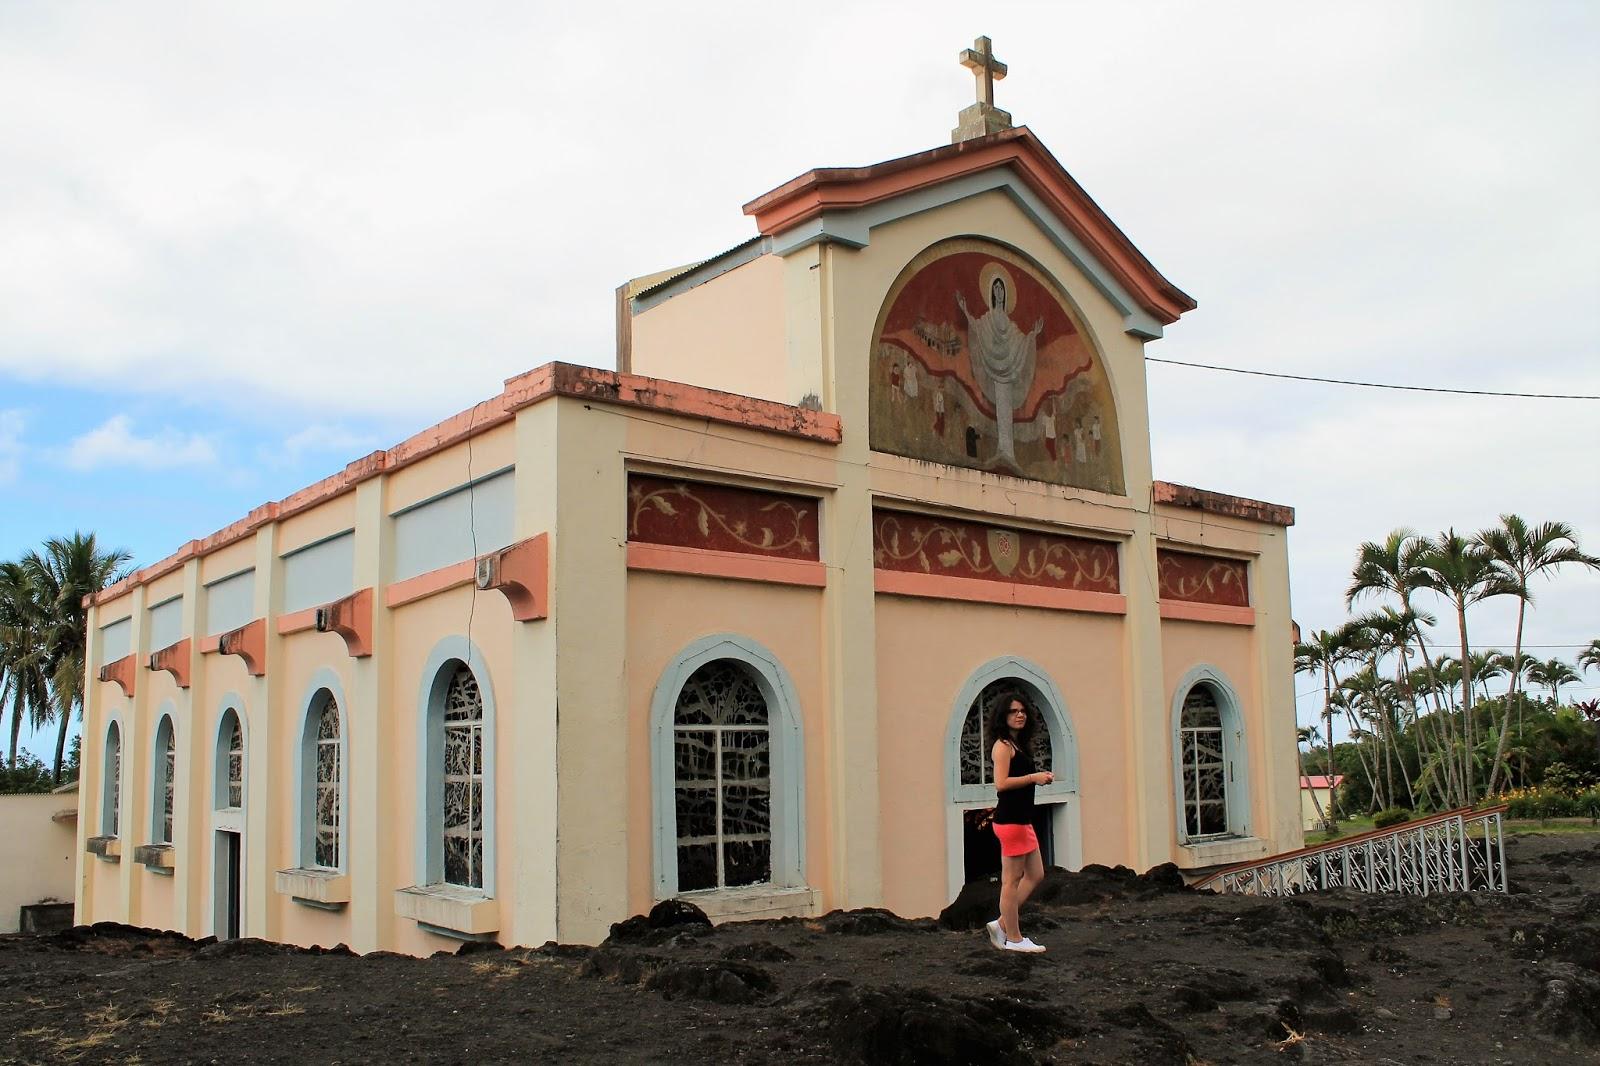 ile de la réunion route des laves sainte rose notre dames des laves église